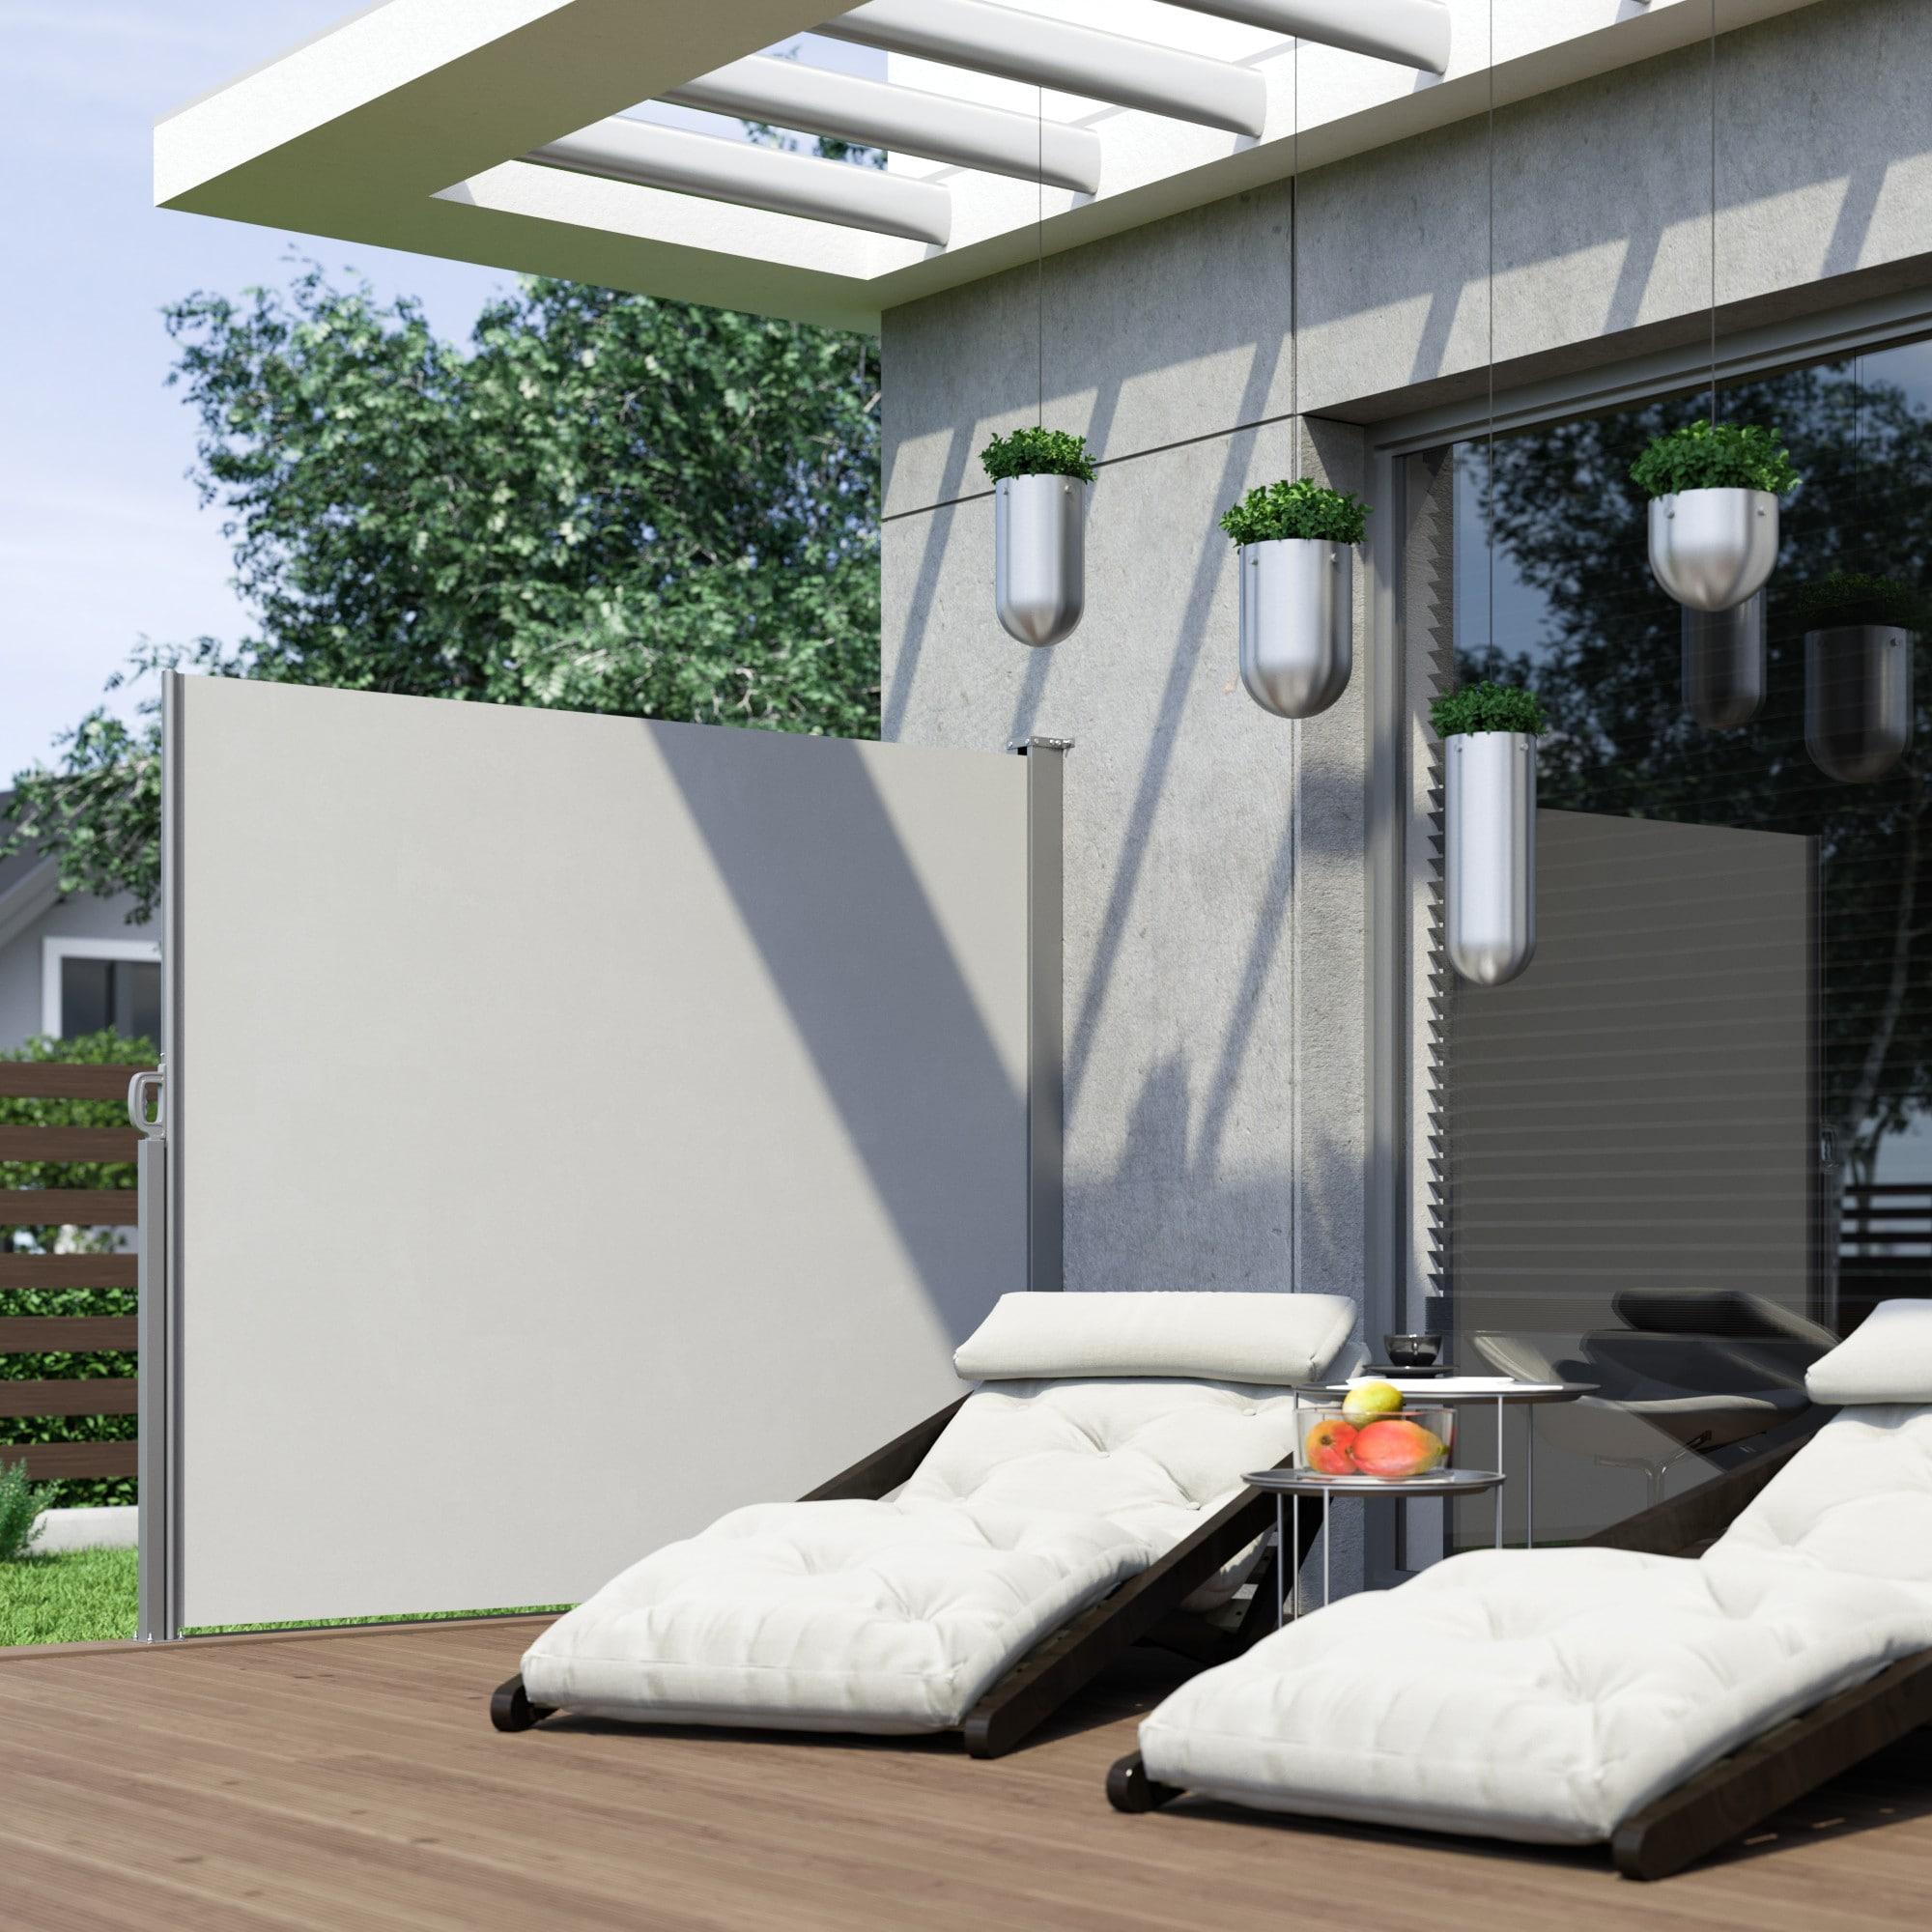 seitenwandmarkise als sicht wind sonnenschutz. Black Bedroom Furniture Sets. Home Design Ideas